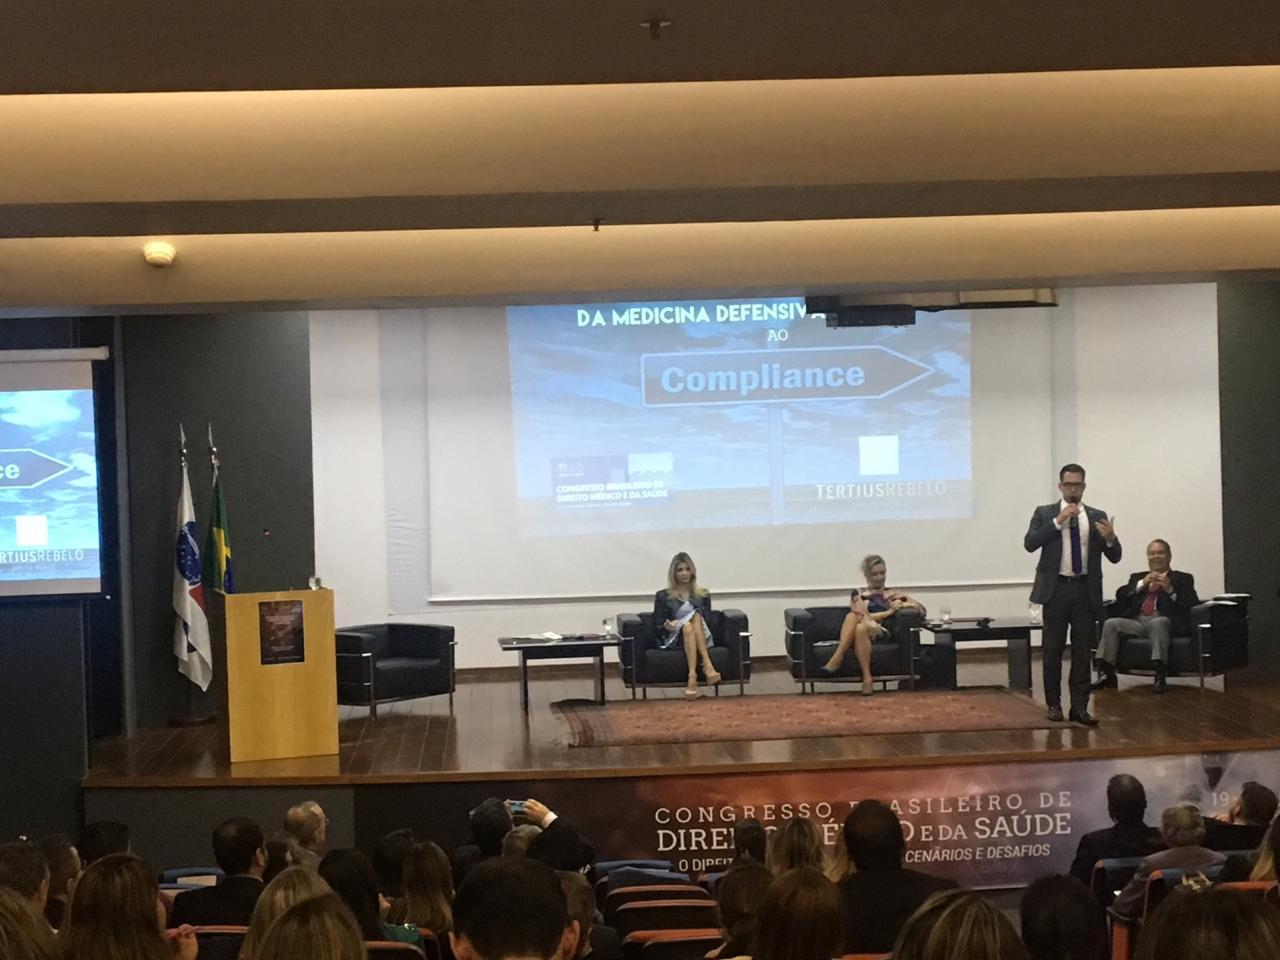 Palestra -  CONGRESSO BRASILEIRO DE DIREITO MÉDICO E DA SAÚDE , realizado na sede do Conselho Federal da OAB em Brasília, nos dias 19 e 20 de junho de 2018